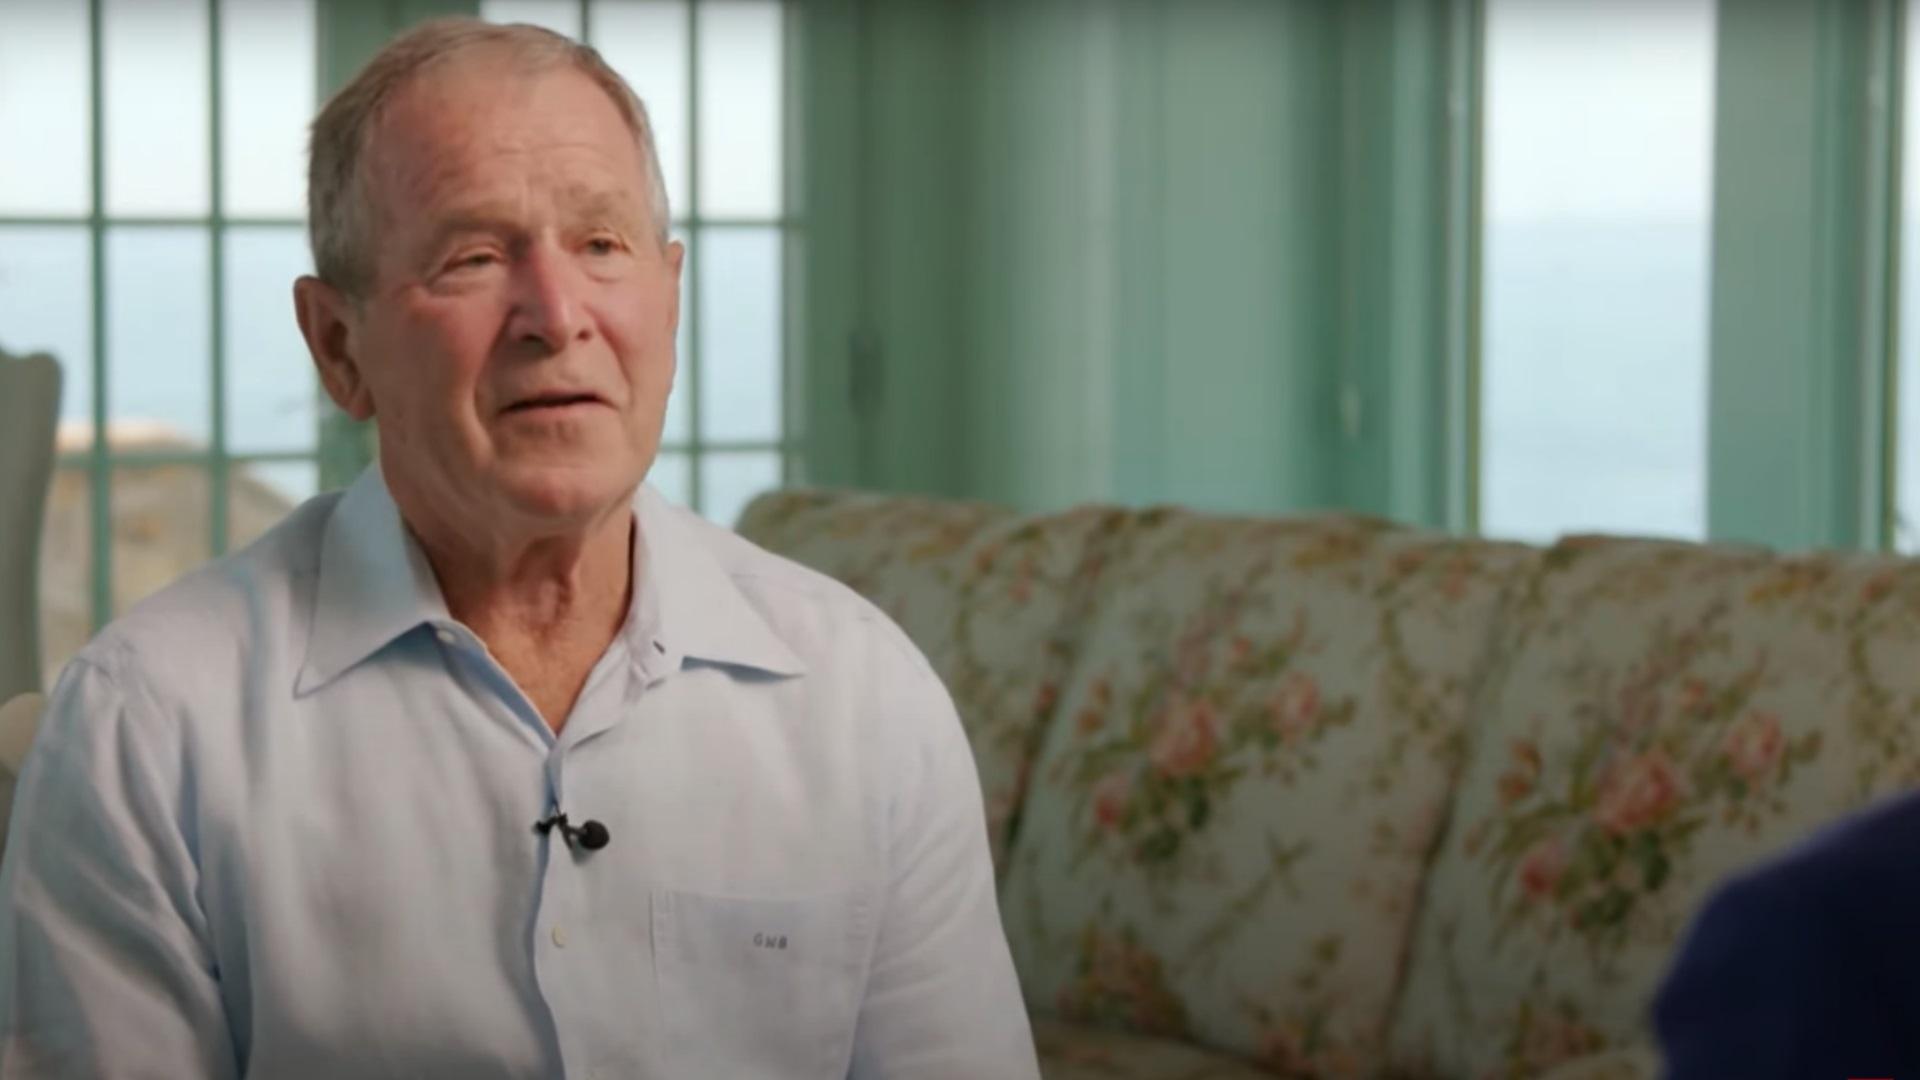 Τζορτζ Μπους: Λάθος η αποχώρηση του στρατού μας από το Αφγανιστάν